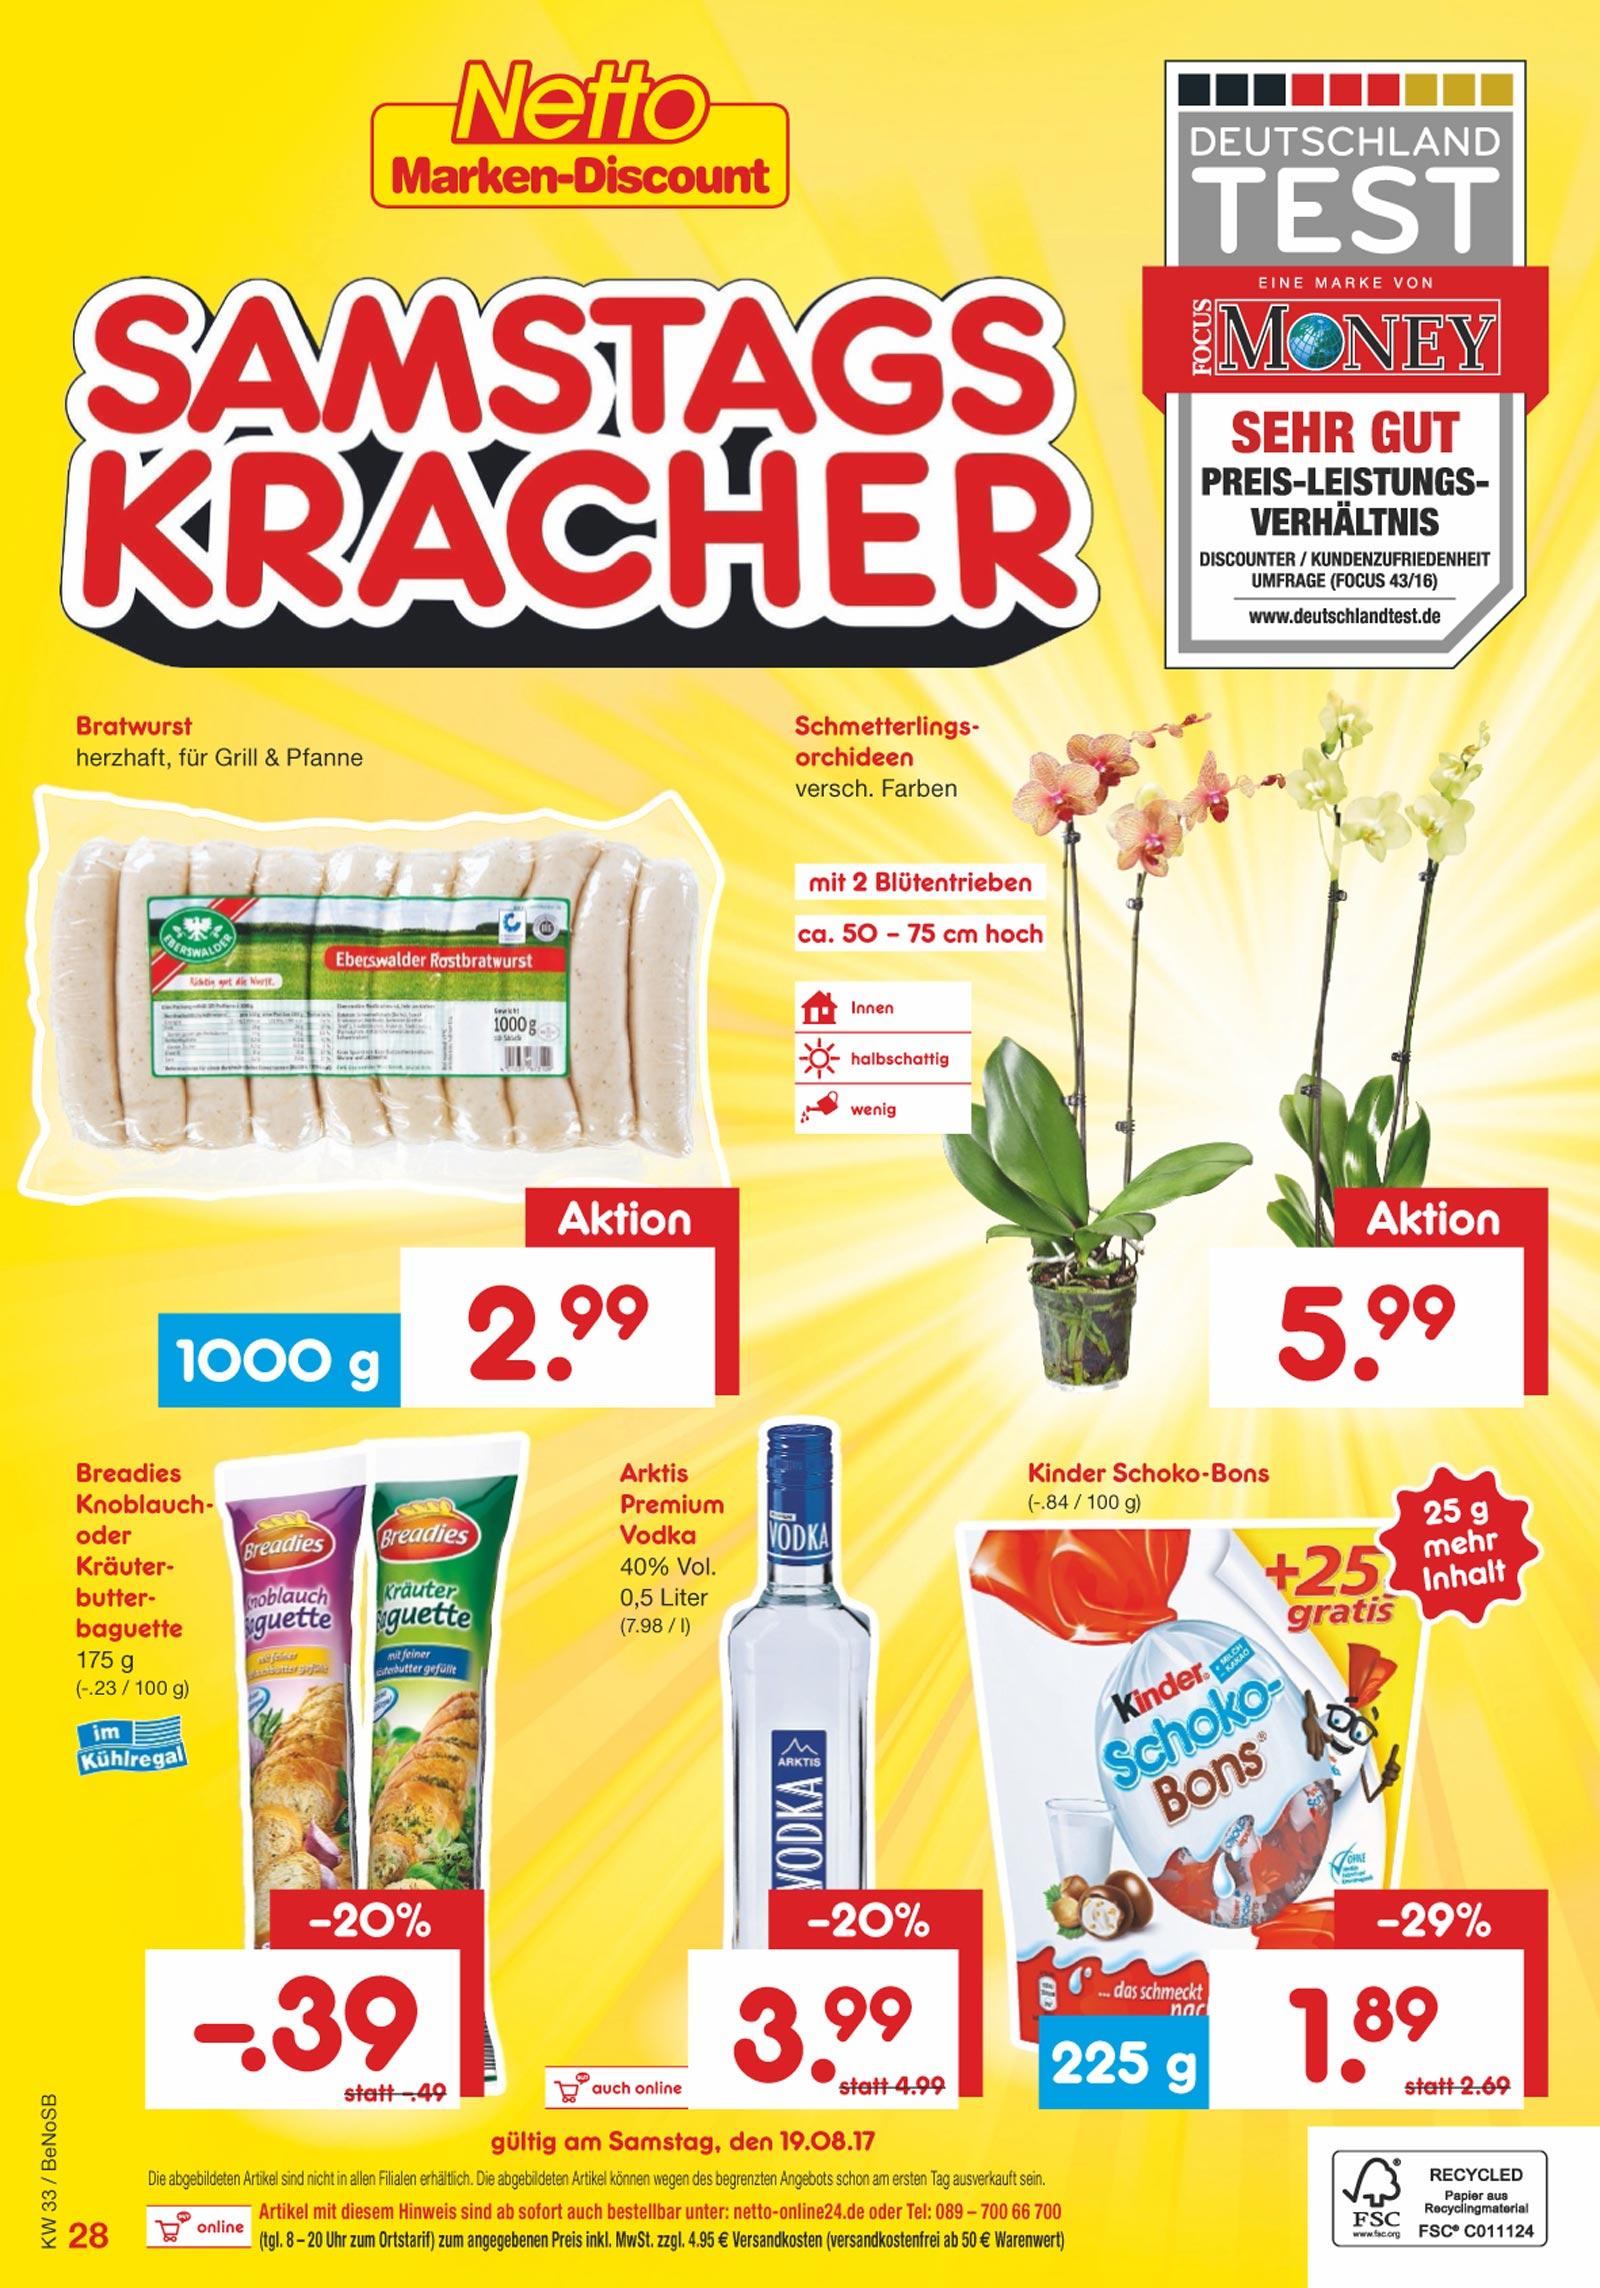 Netto Marken-Discount - Schmetterlingsorchidee (Phalaenopsis) 5,99 € am 19.08.2017